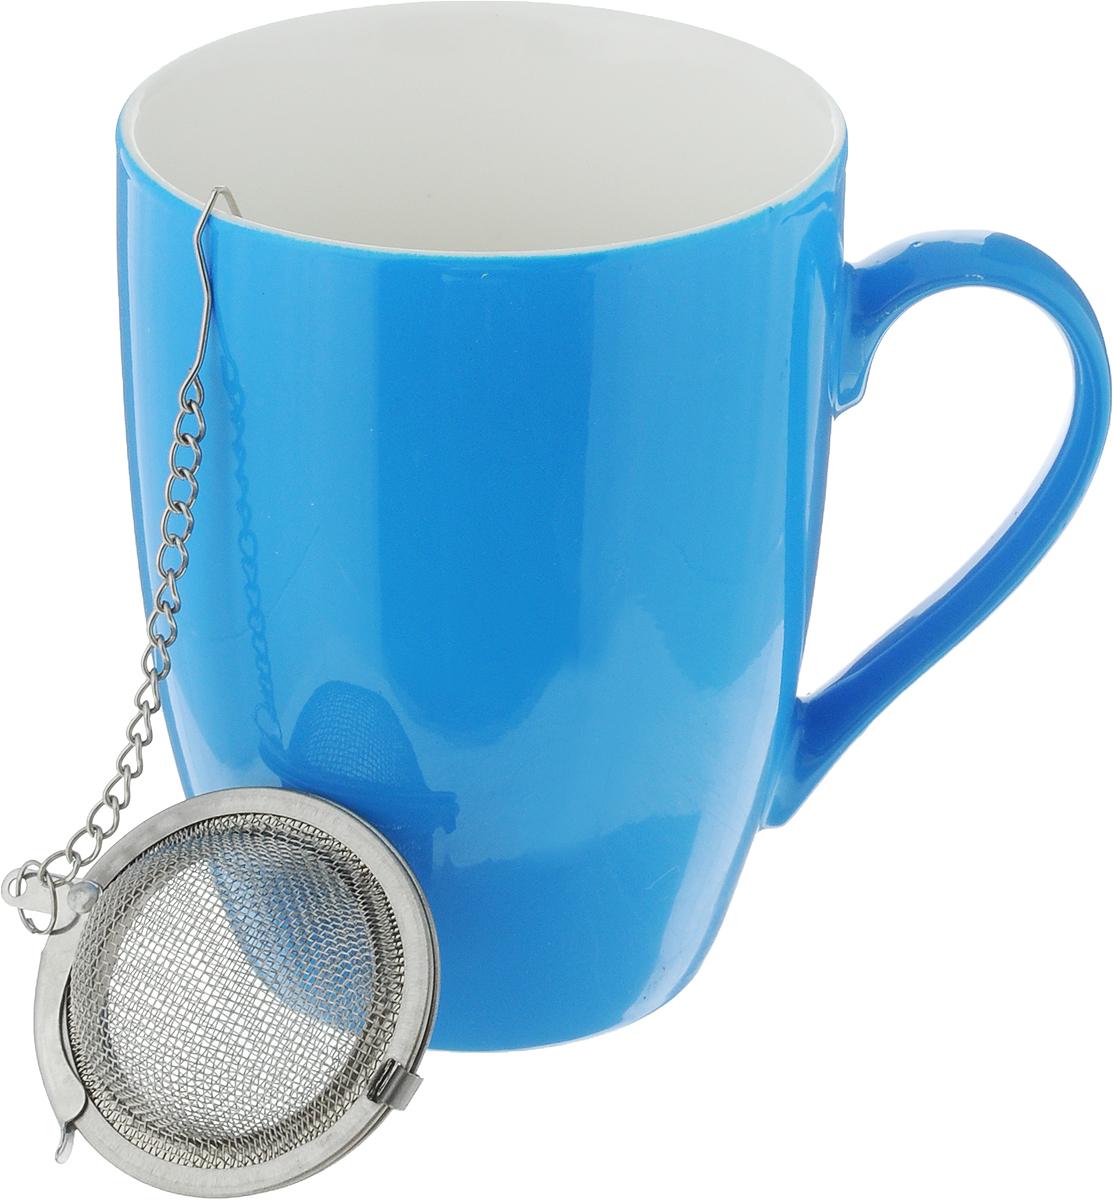 Кружка Доляна Радуга, с ситечком, цвет: голубой, 300 мл699261_голубойКружка Доляна Радуга изготовлена из высококачественной керамики. Изделие оформлено ярким дизайном и покрыто превосходной сверкающей глазурью. Изысканная кружка прекрасно оформит стол к чаепитию и станет его неизменным атрибутом.В комплект входит ситечко для заварки.Диаметр кружки (по верхнему краю): 8 см.Высота кружки: 10,5 см.Диаметр ситечка: 4,5 см.